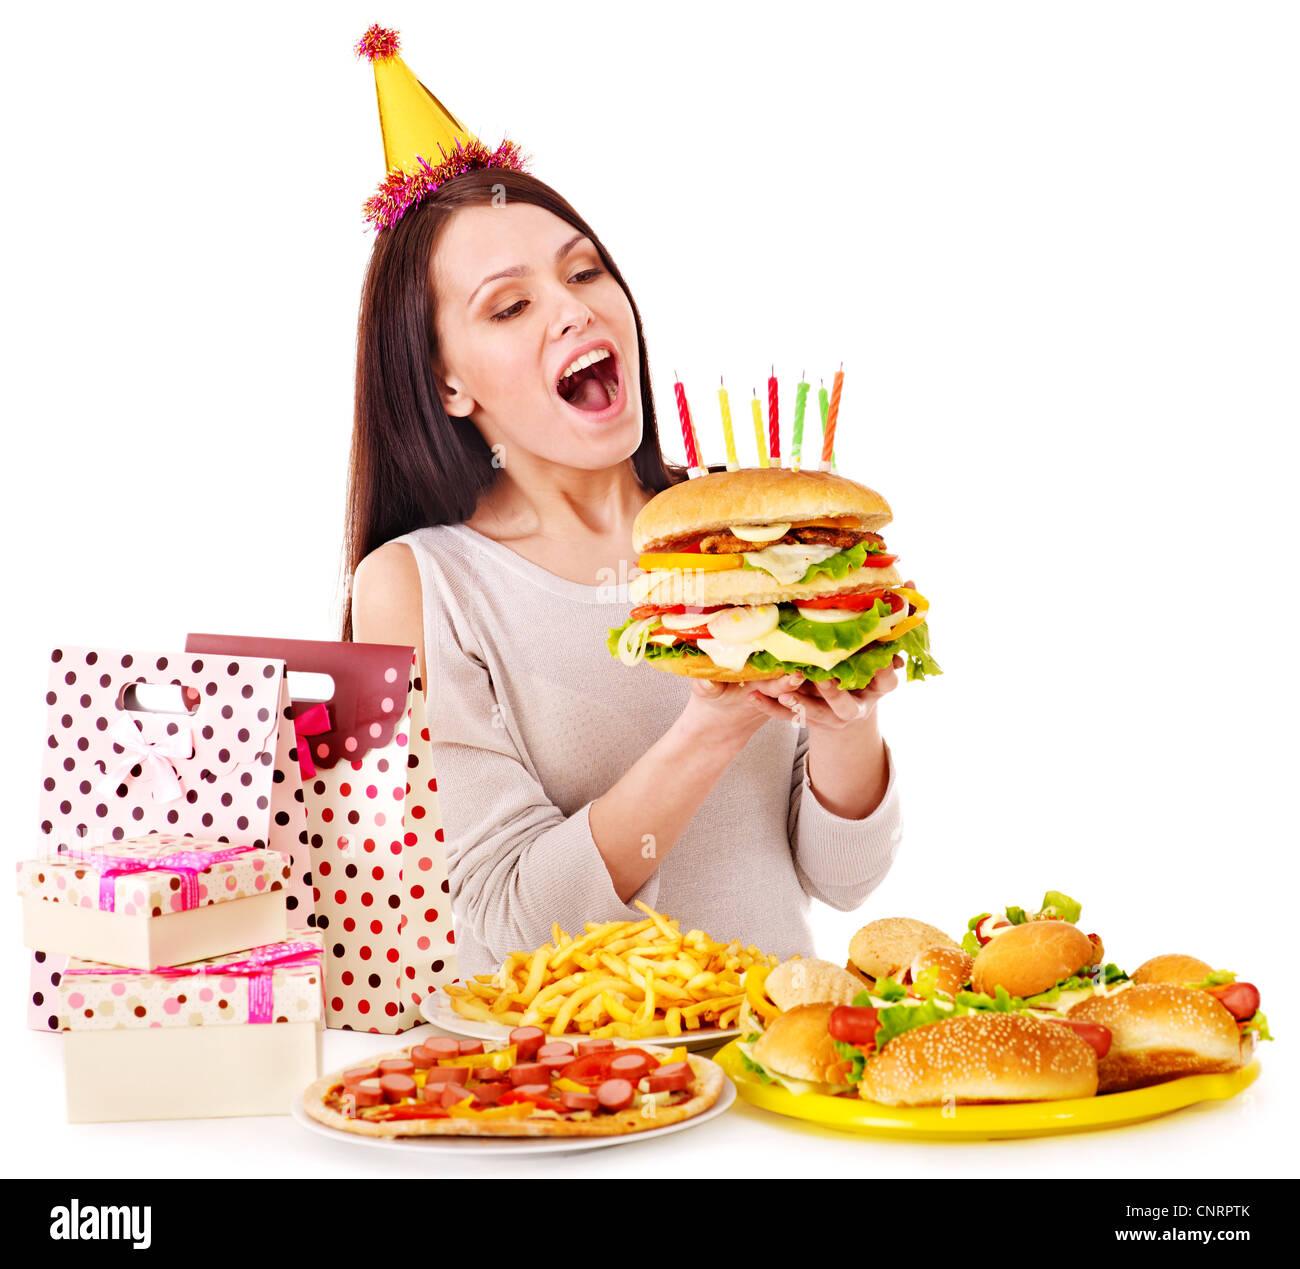 Woman eating hamburger at birthday. Isolated. - Stock Image